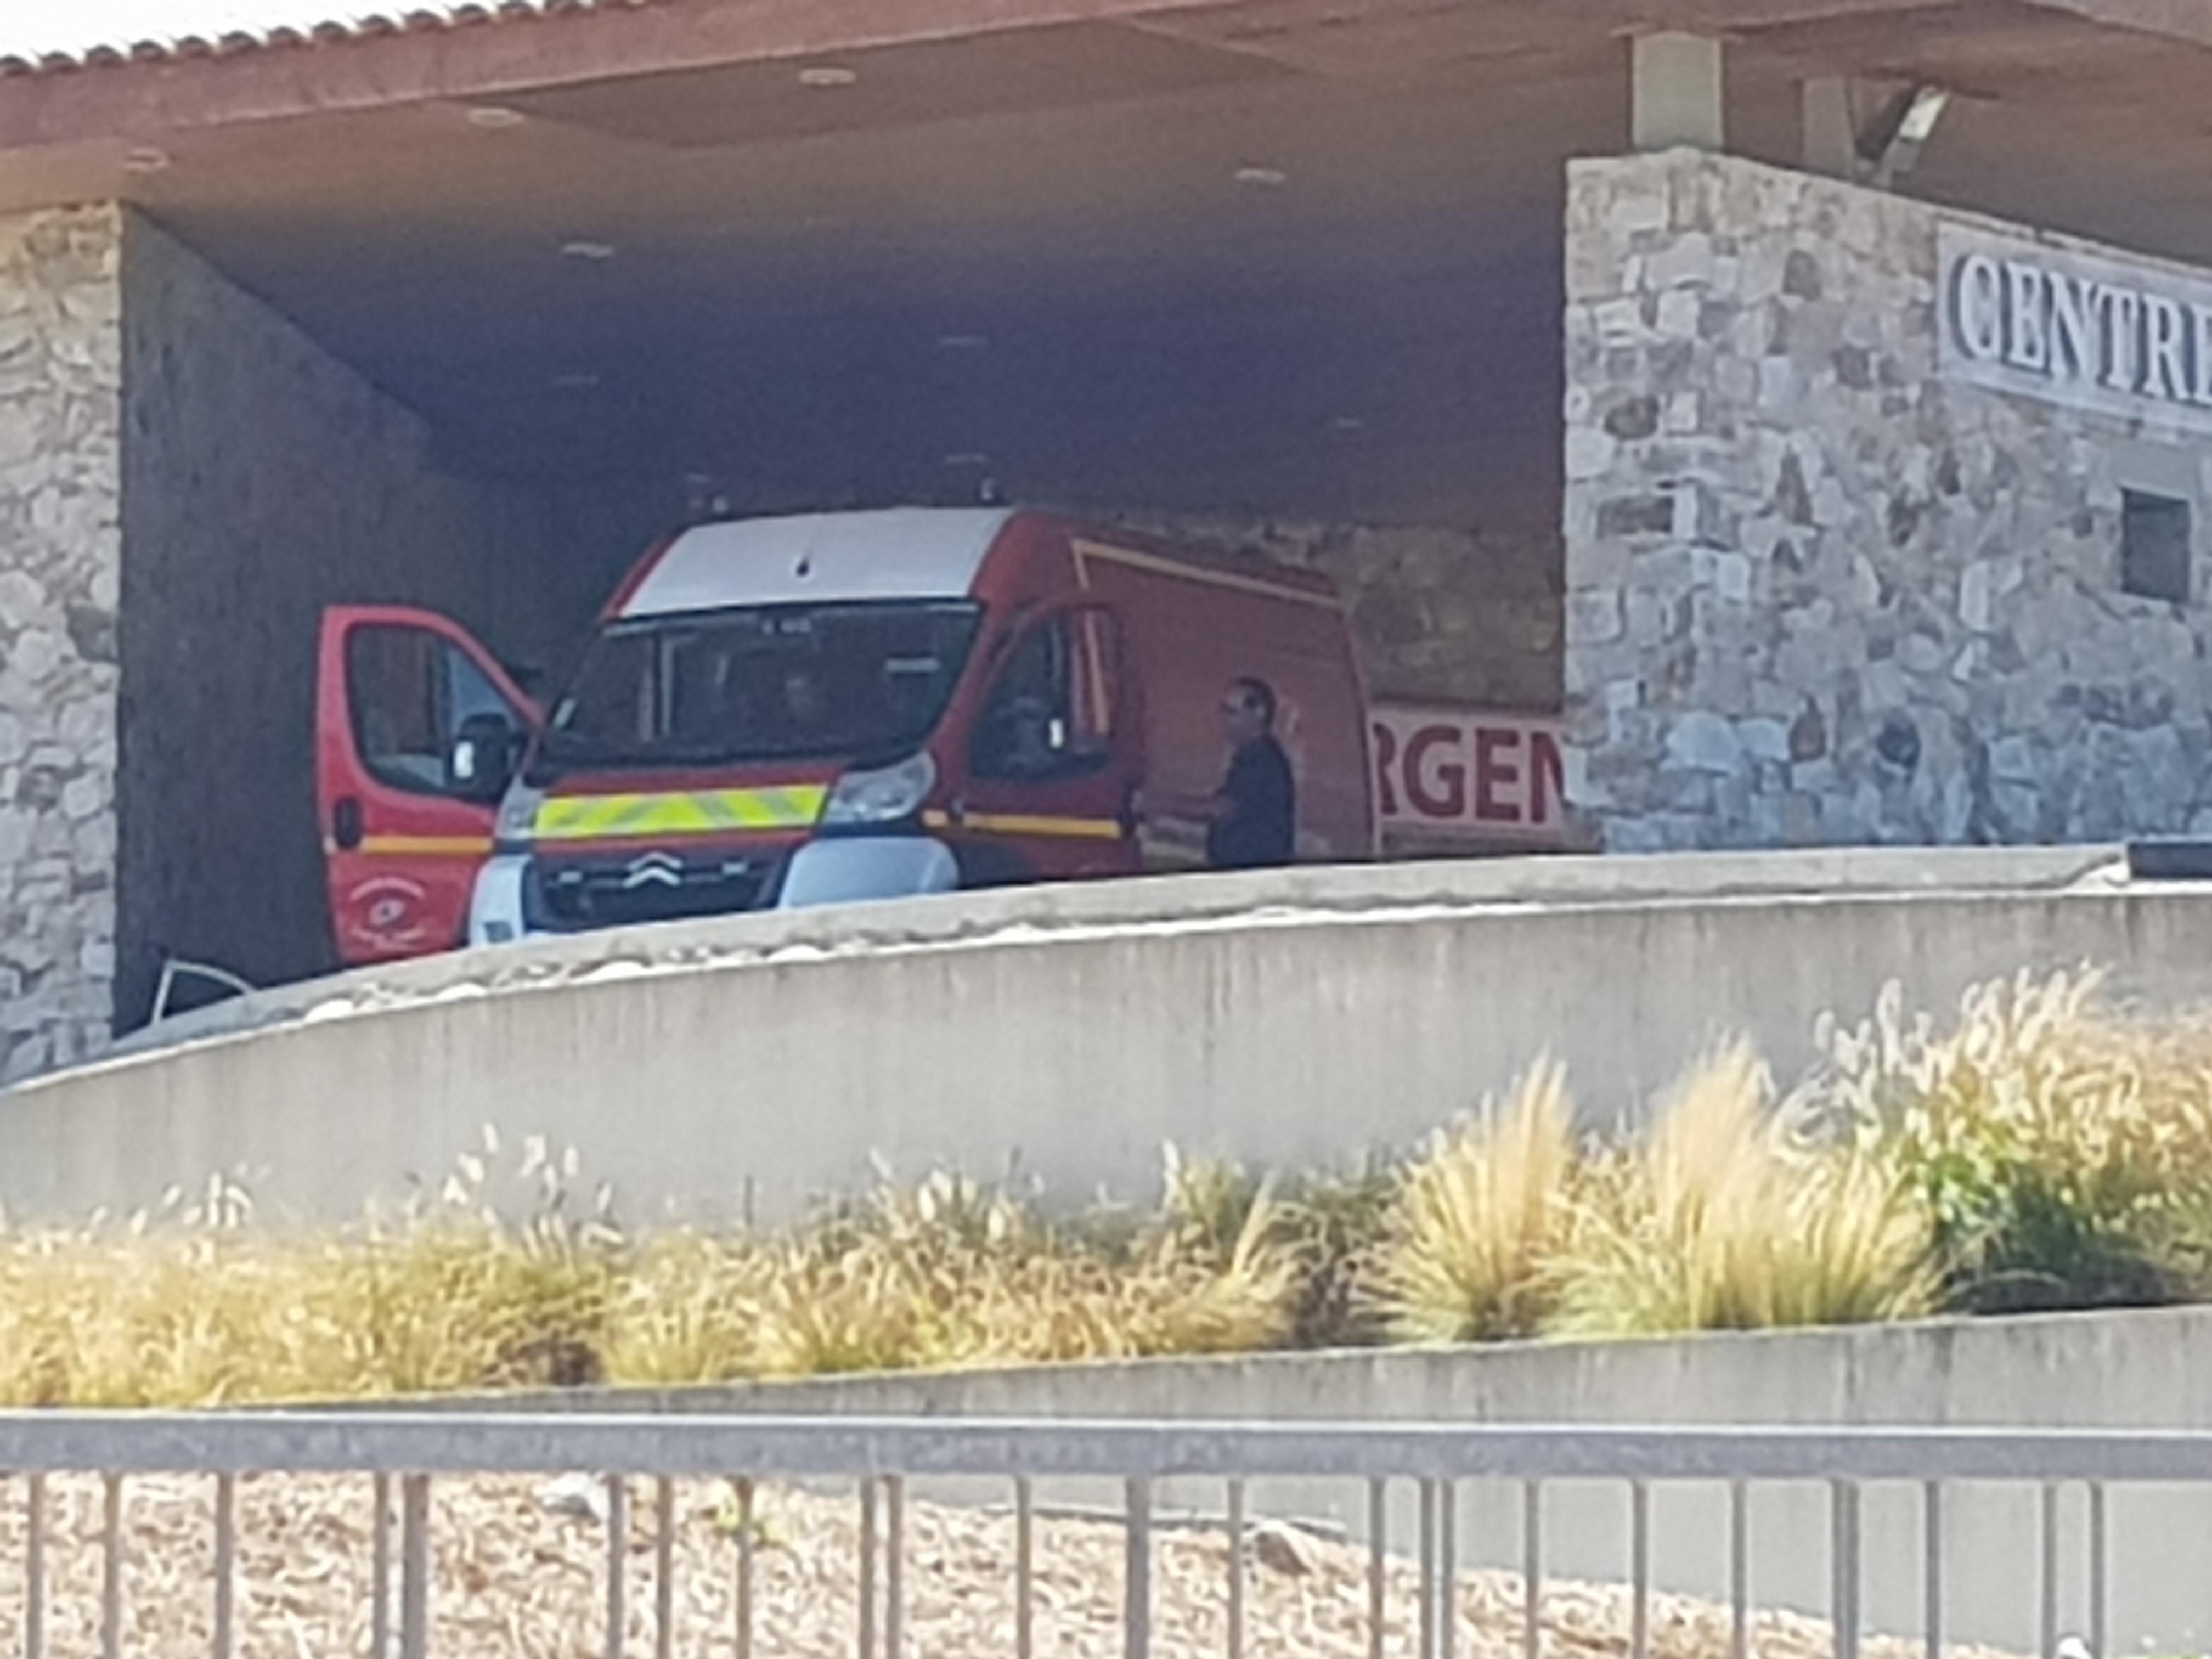 Calenzana : un homme de 28 ans blessé par balle près de son domicile